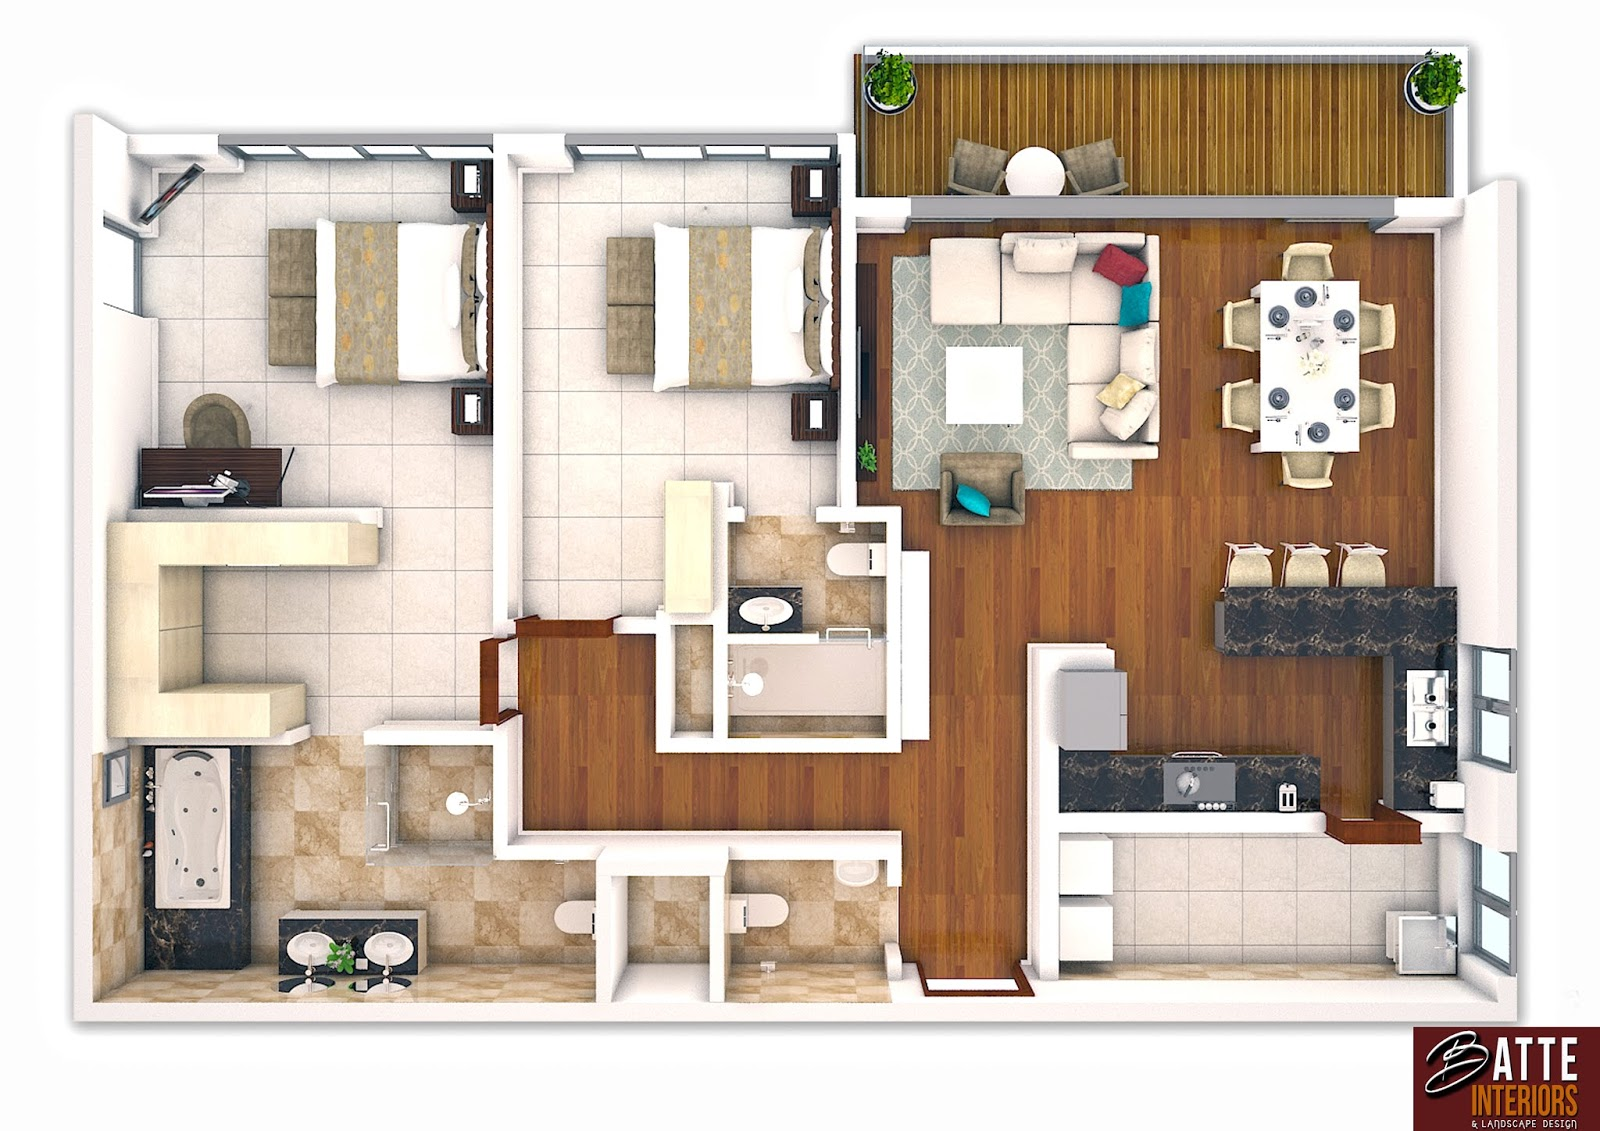 Interior Design Uganda 3d Furniture Layout Plans By Batte Ronald